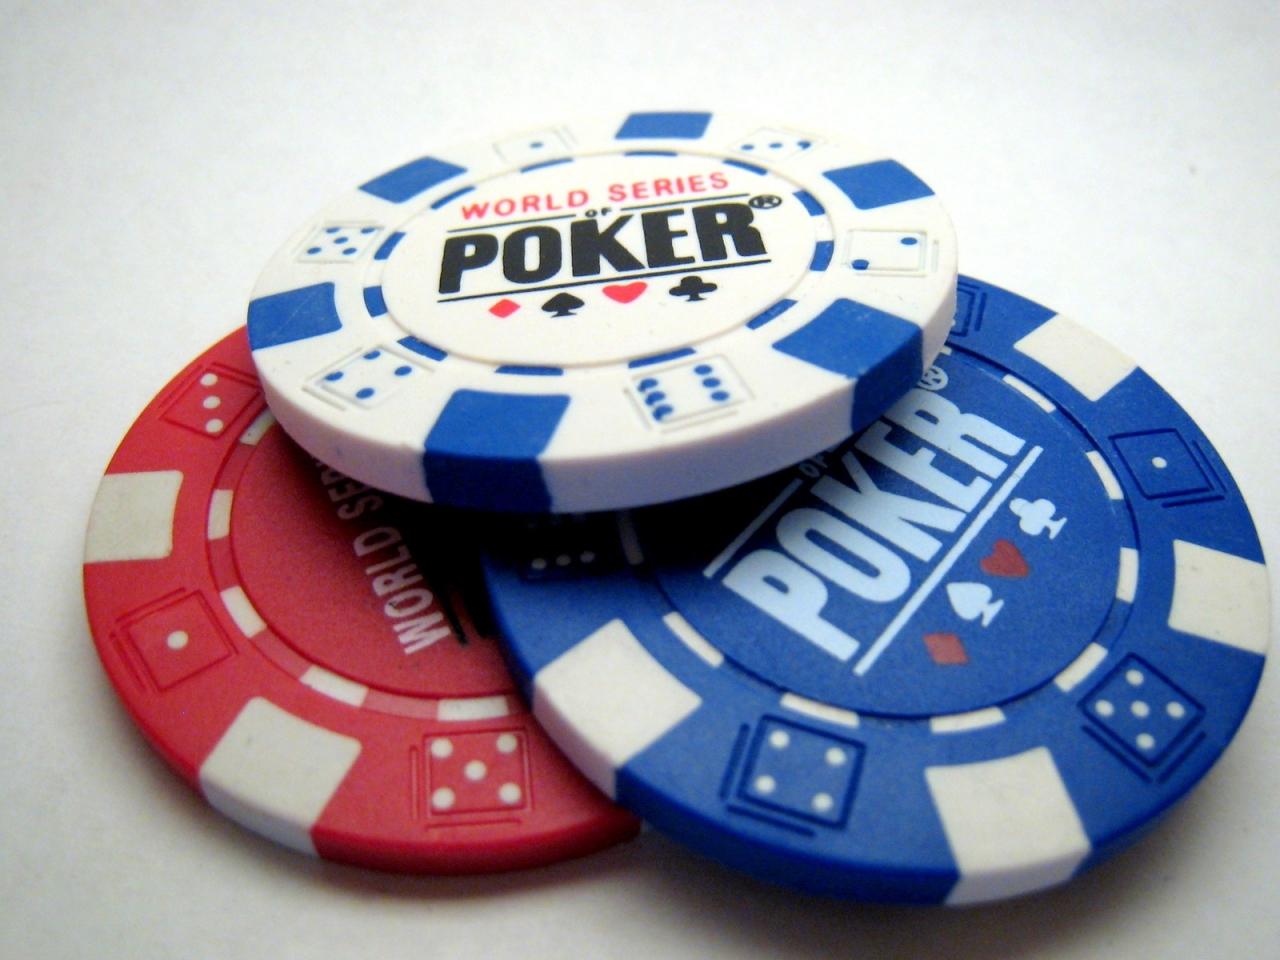 Poker - 1280x960